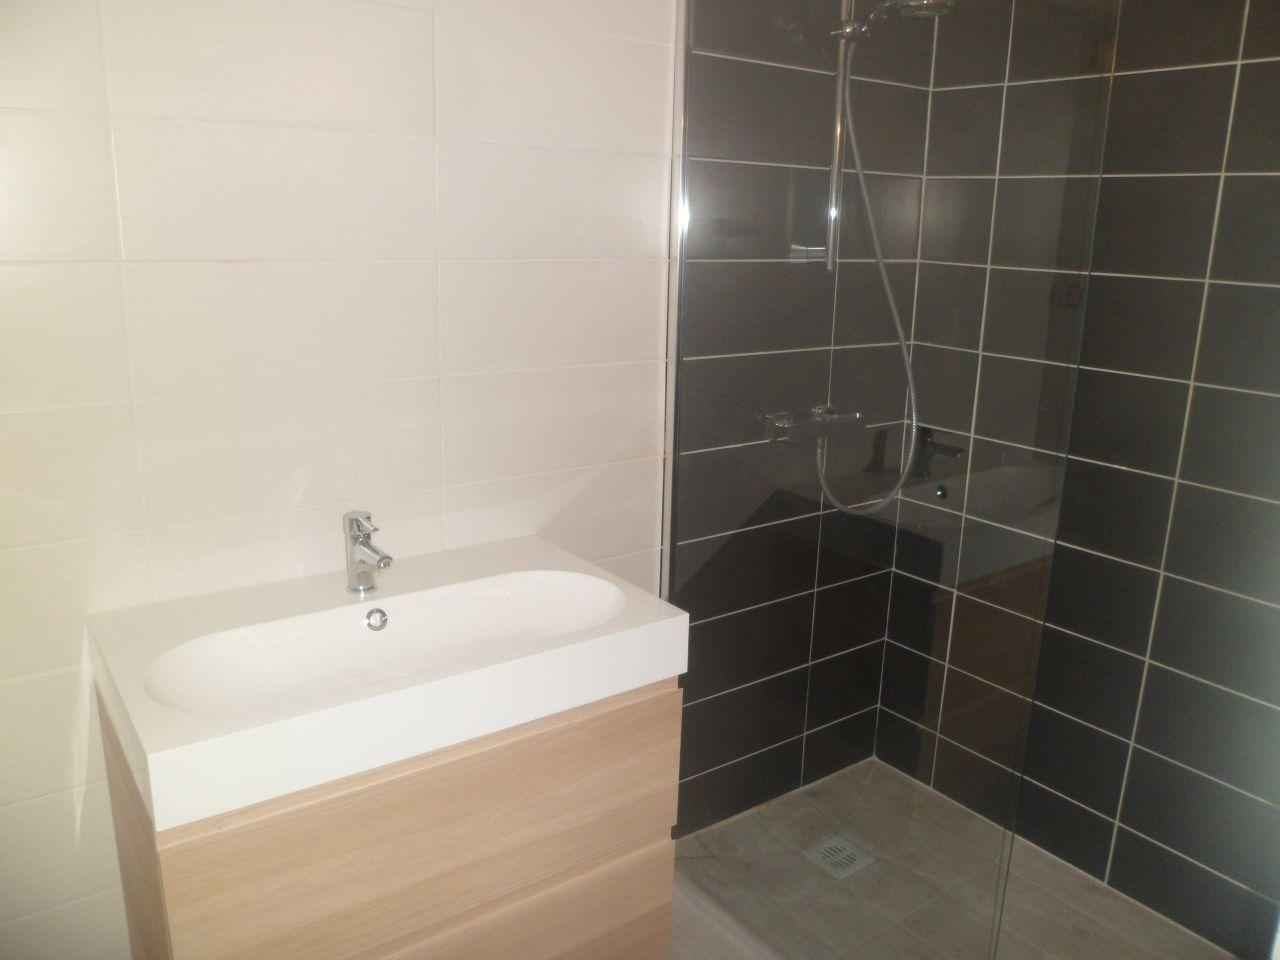 Installation de la paroi de douche et de la vasque.